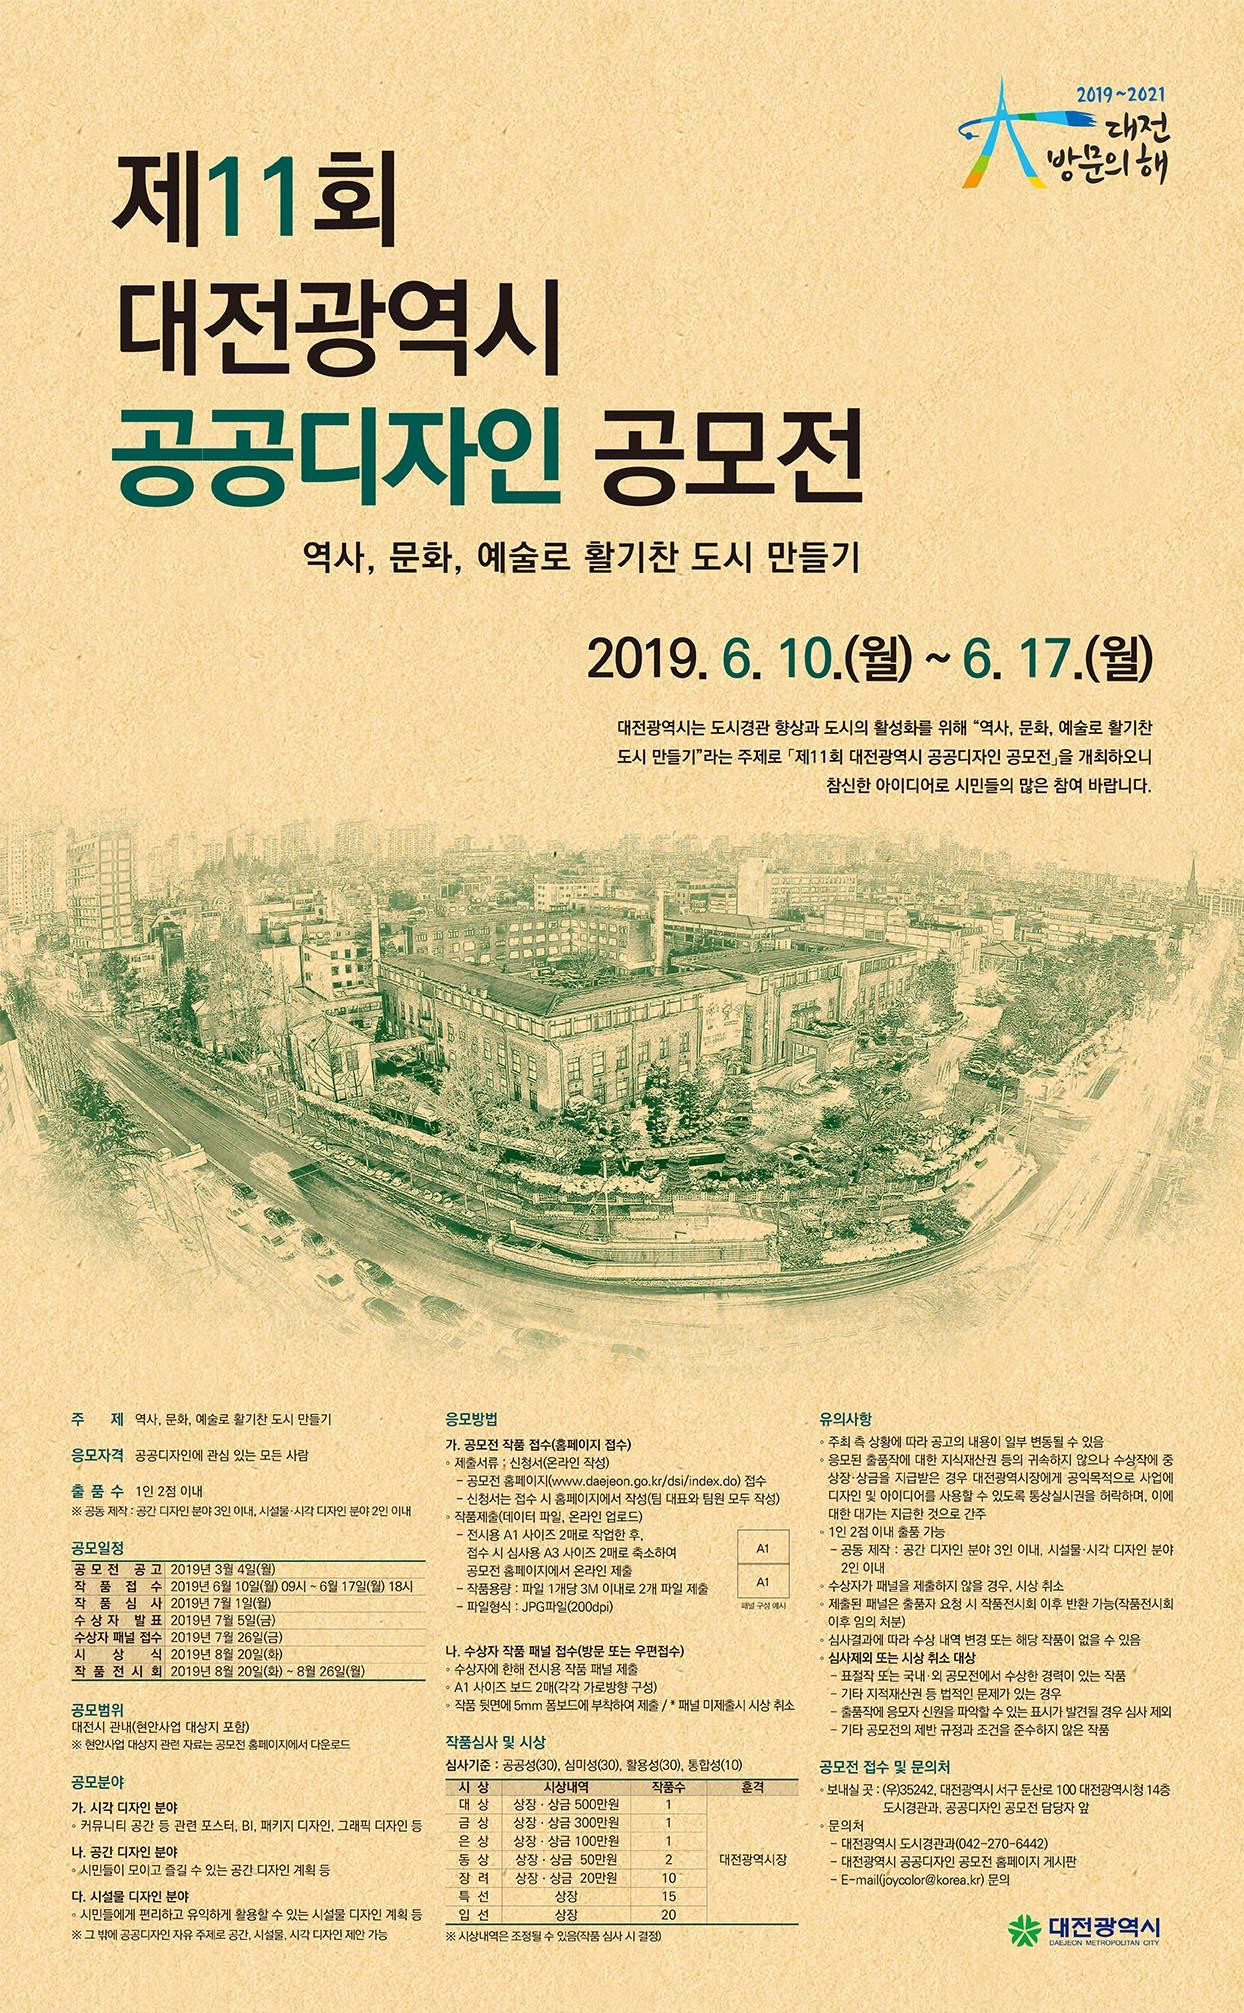 제11회 공공디자인 공모전 포스터.jpg